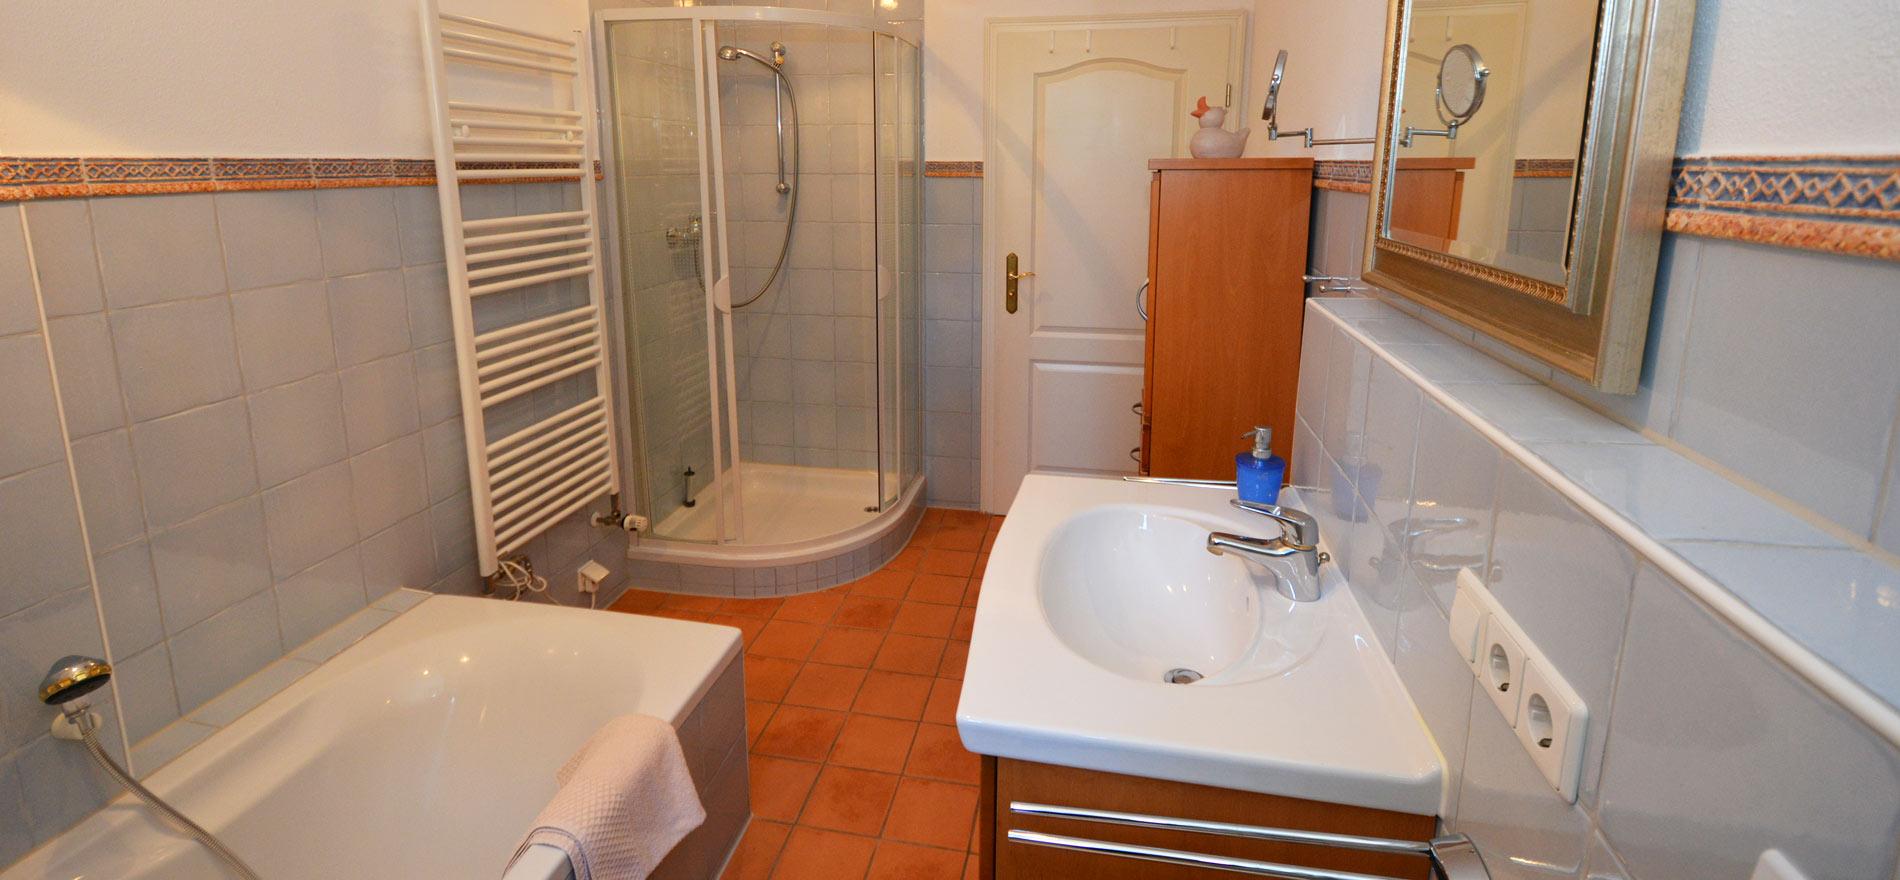 Ferienwohnung Pfarrhaus in Meersburg - Wohnung 1 5